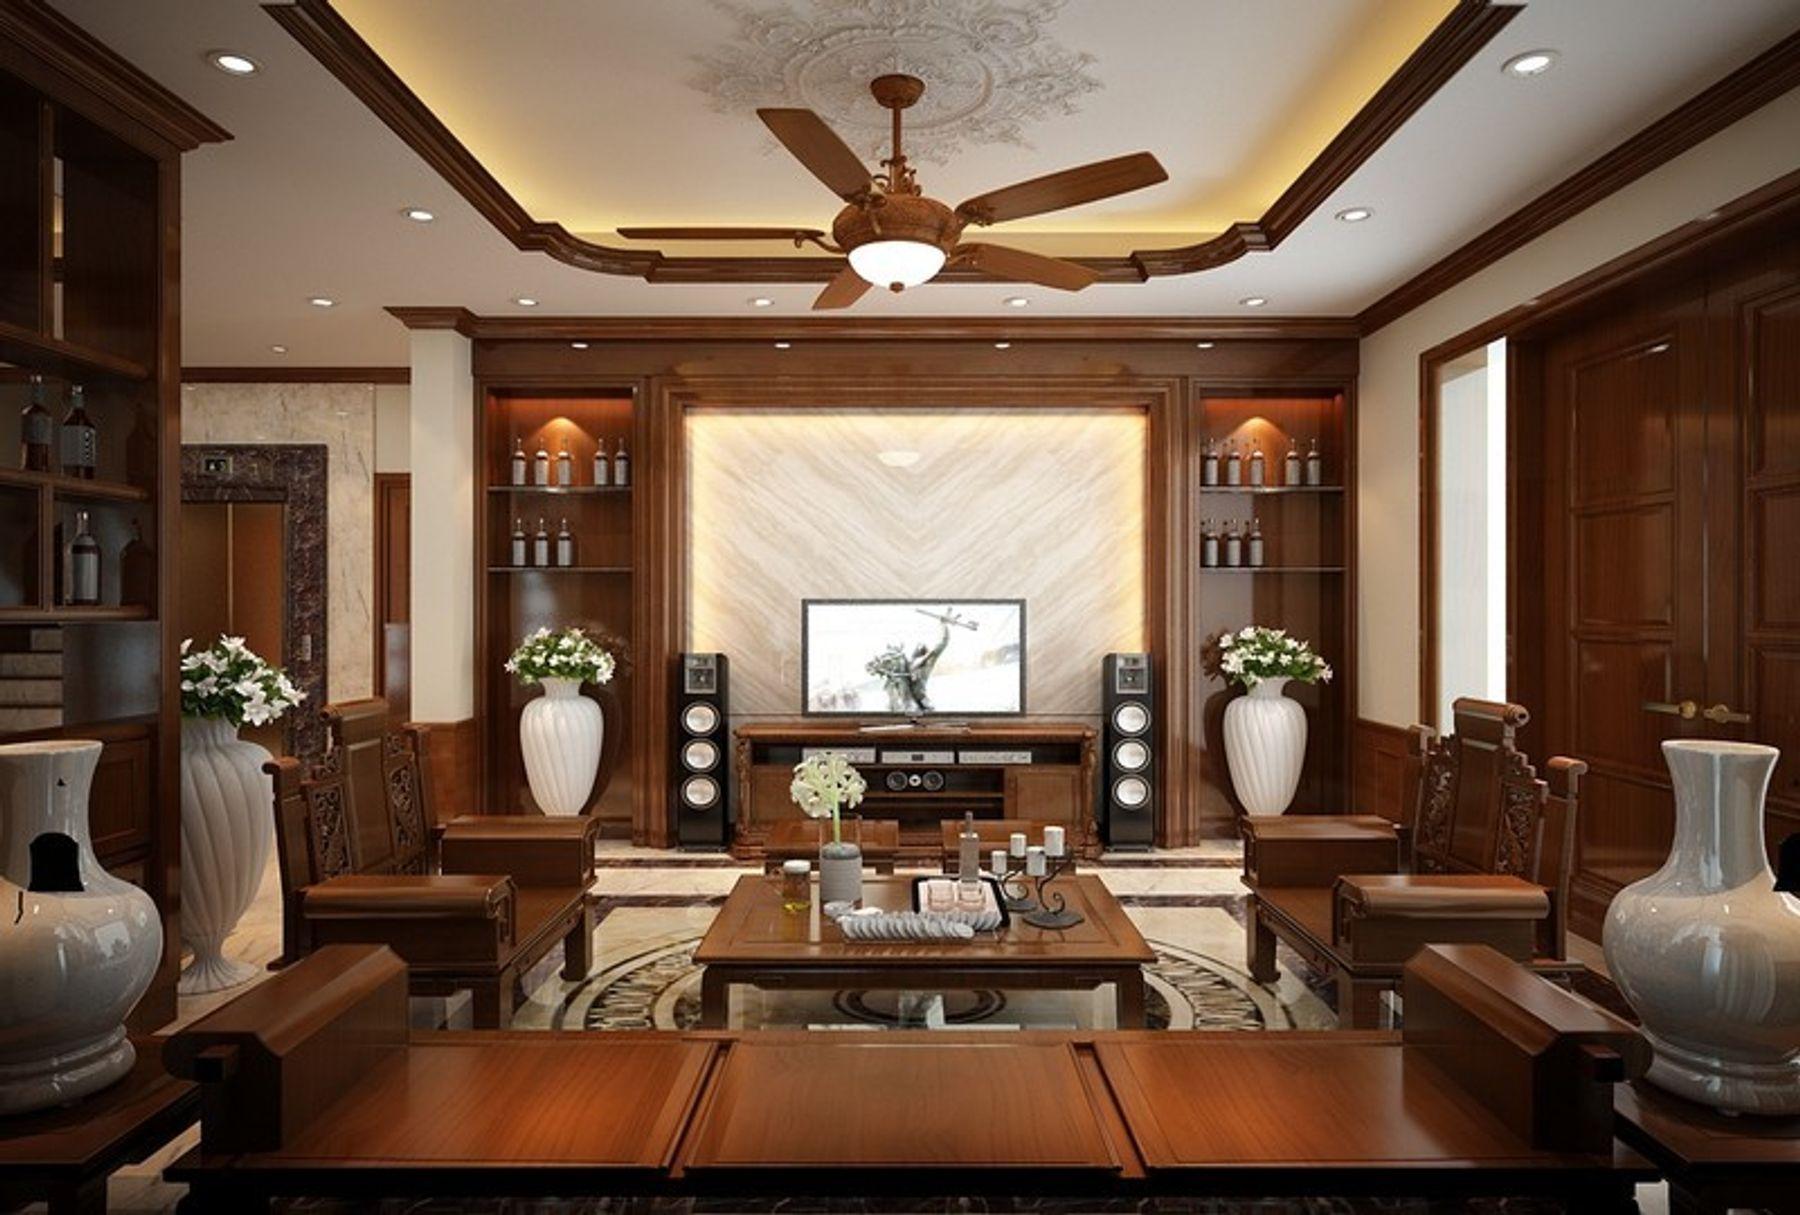 Trang trí phòng khách đơn giản với chất liệu gỗ